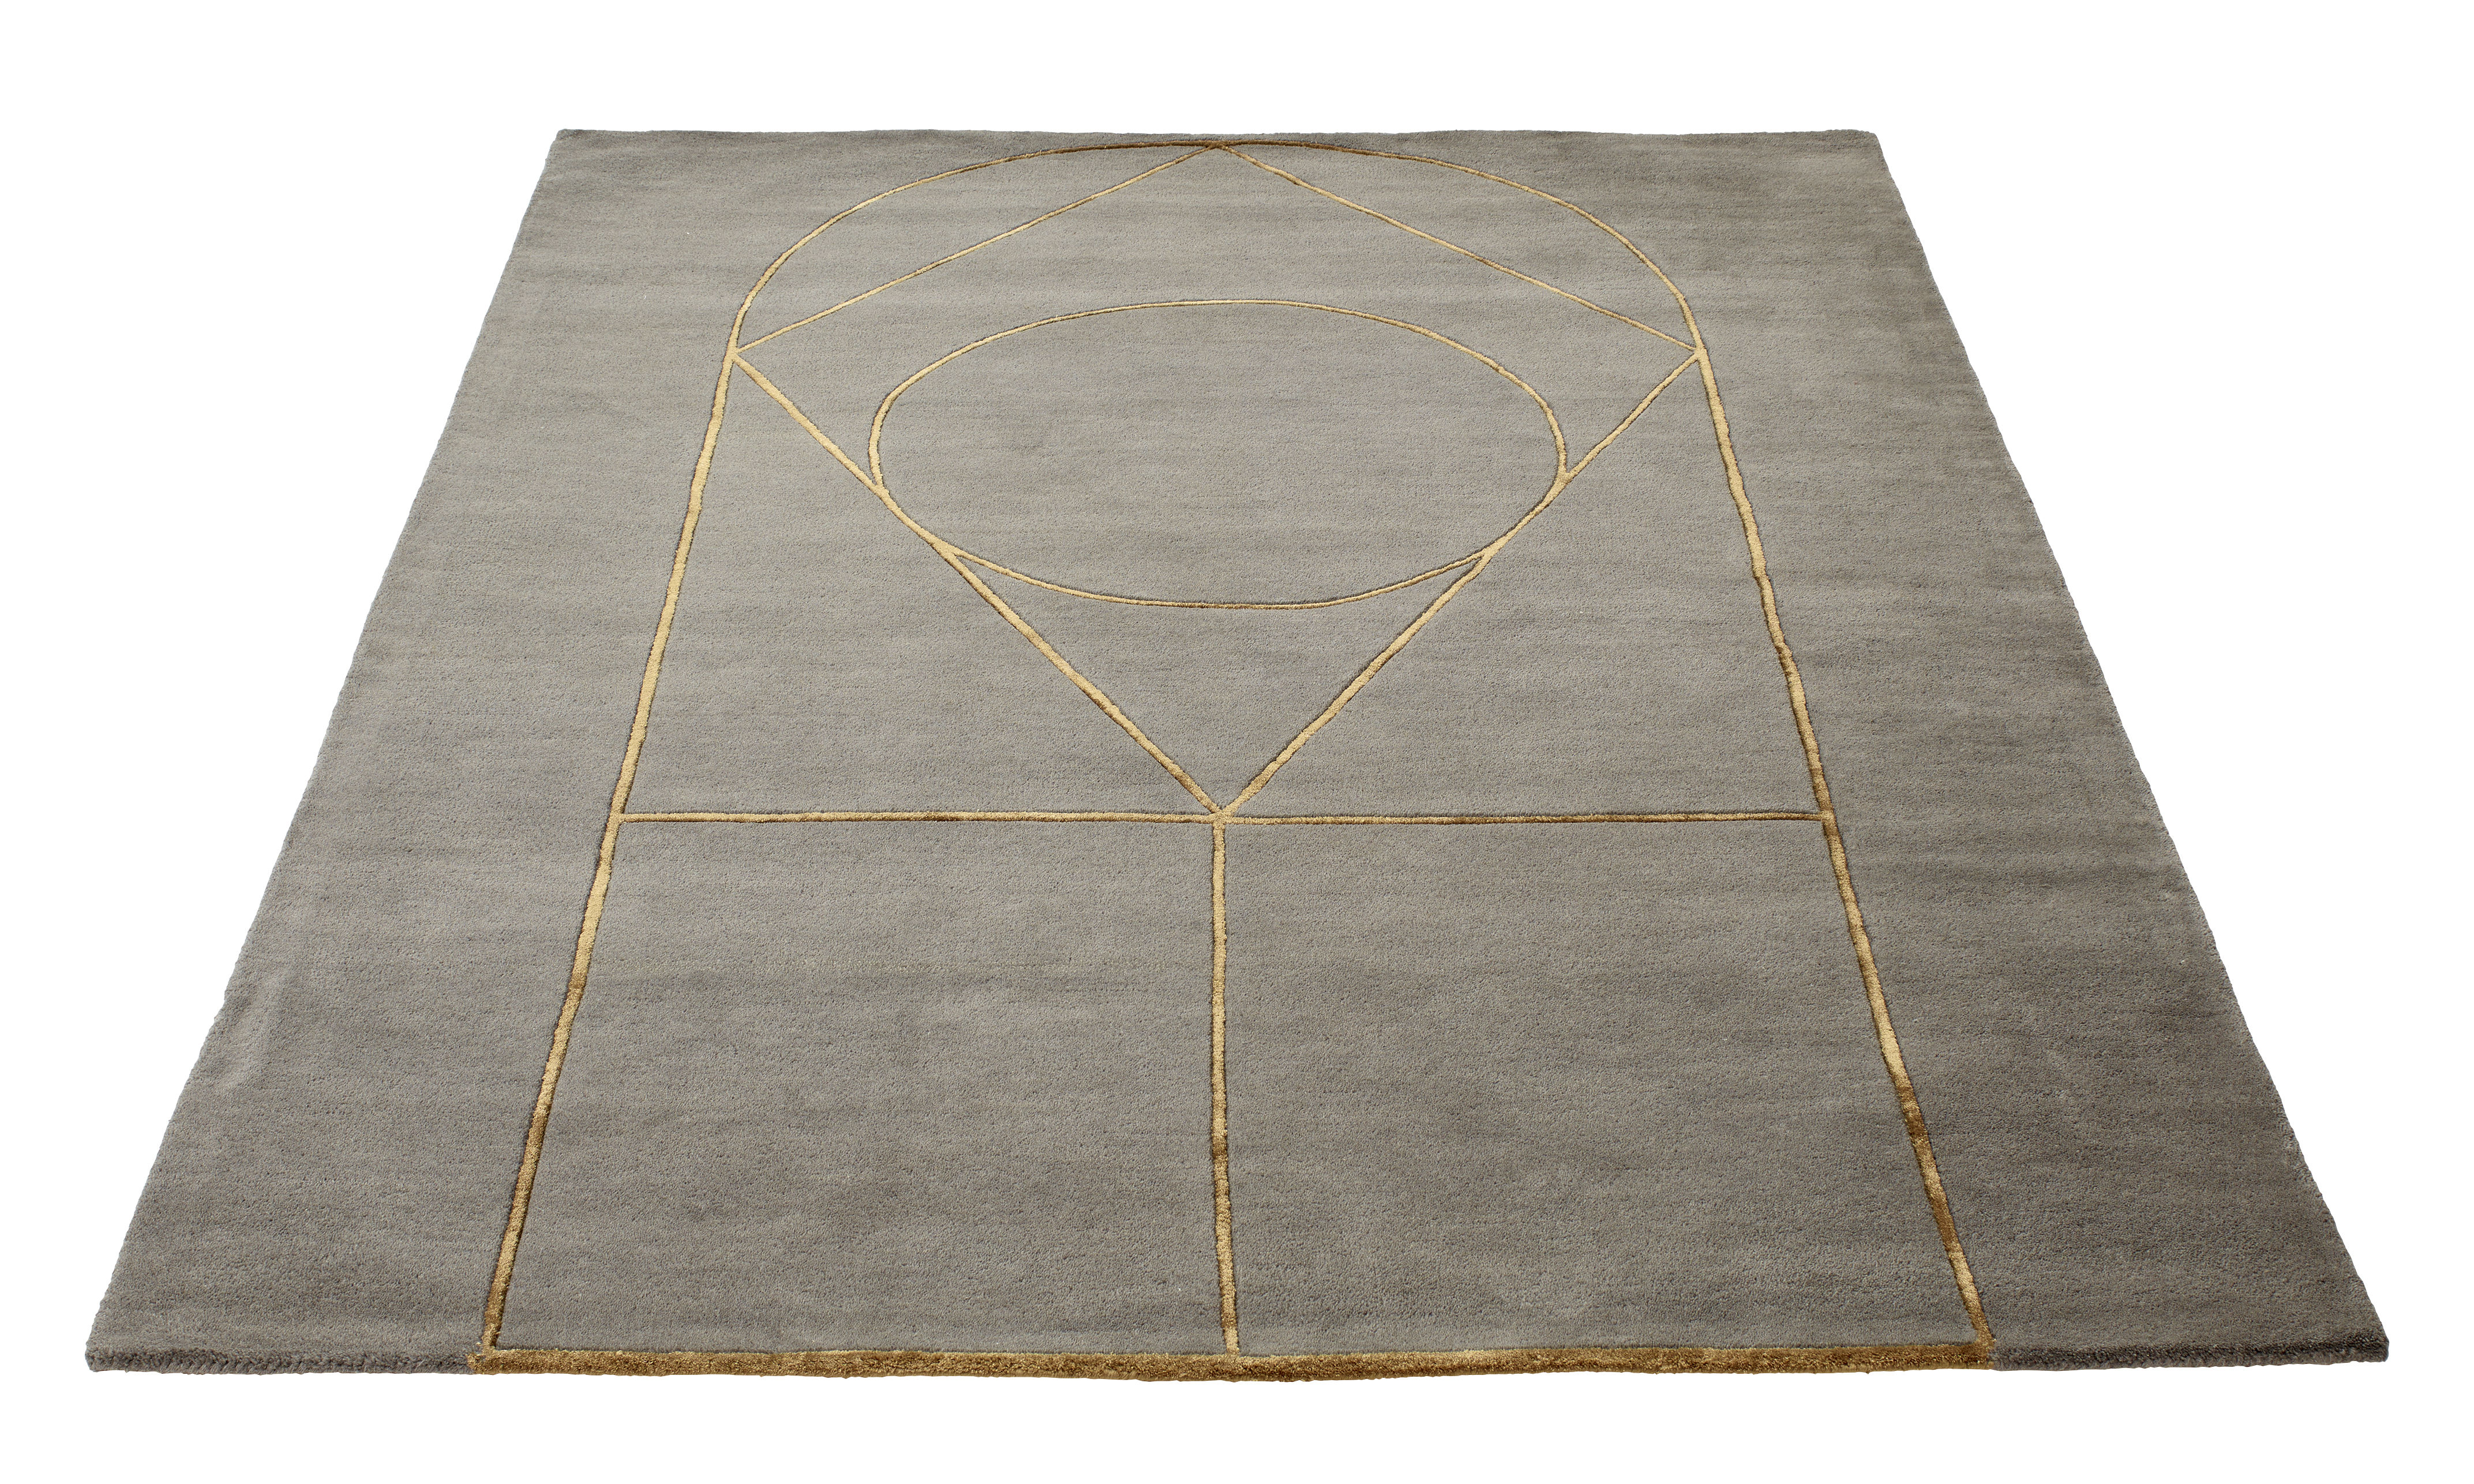 Déco - Tapis - Tapis Simbolo / 170 x 240 cm - Fait main - Bolia - Gris / Motifs dorés - Laine, Viscose